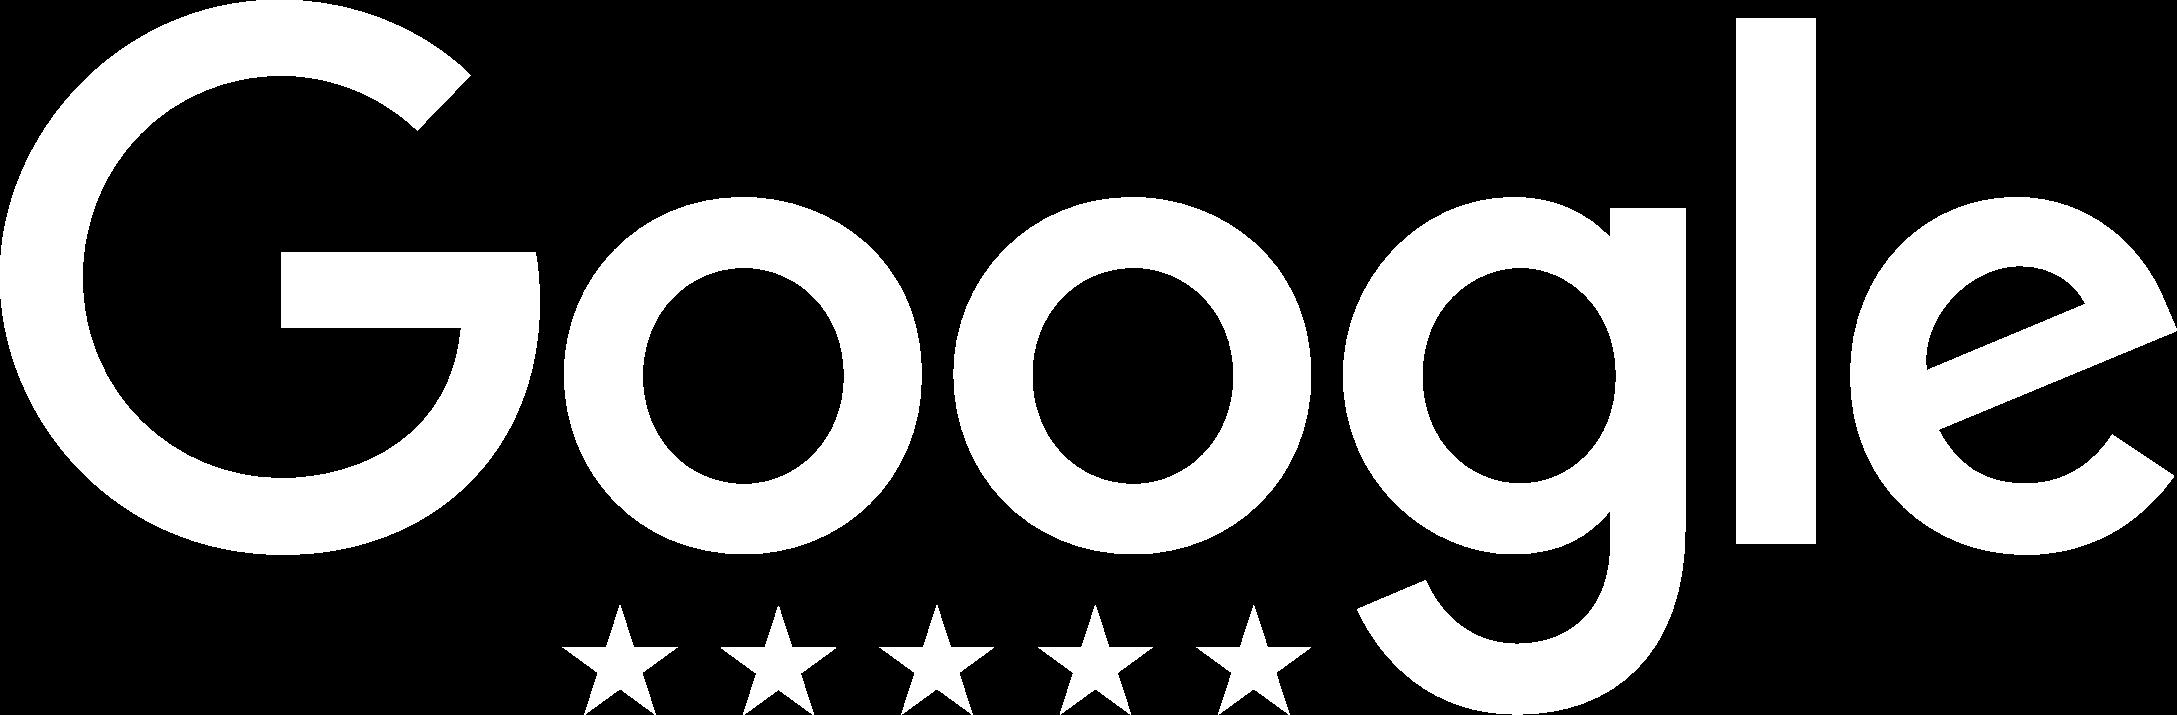 google-white-1